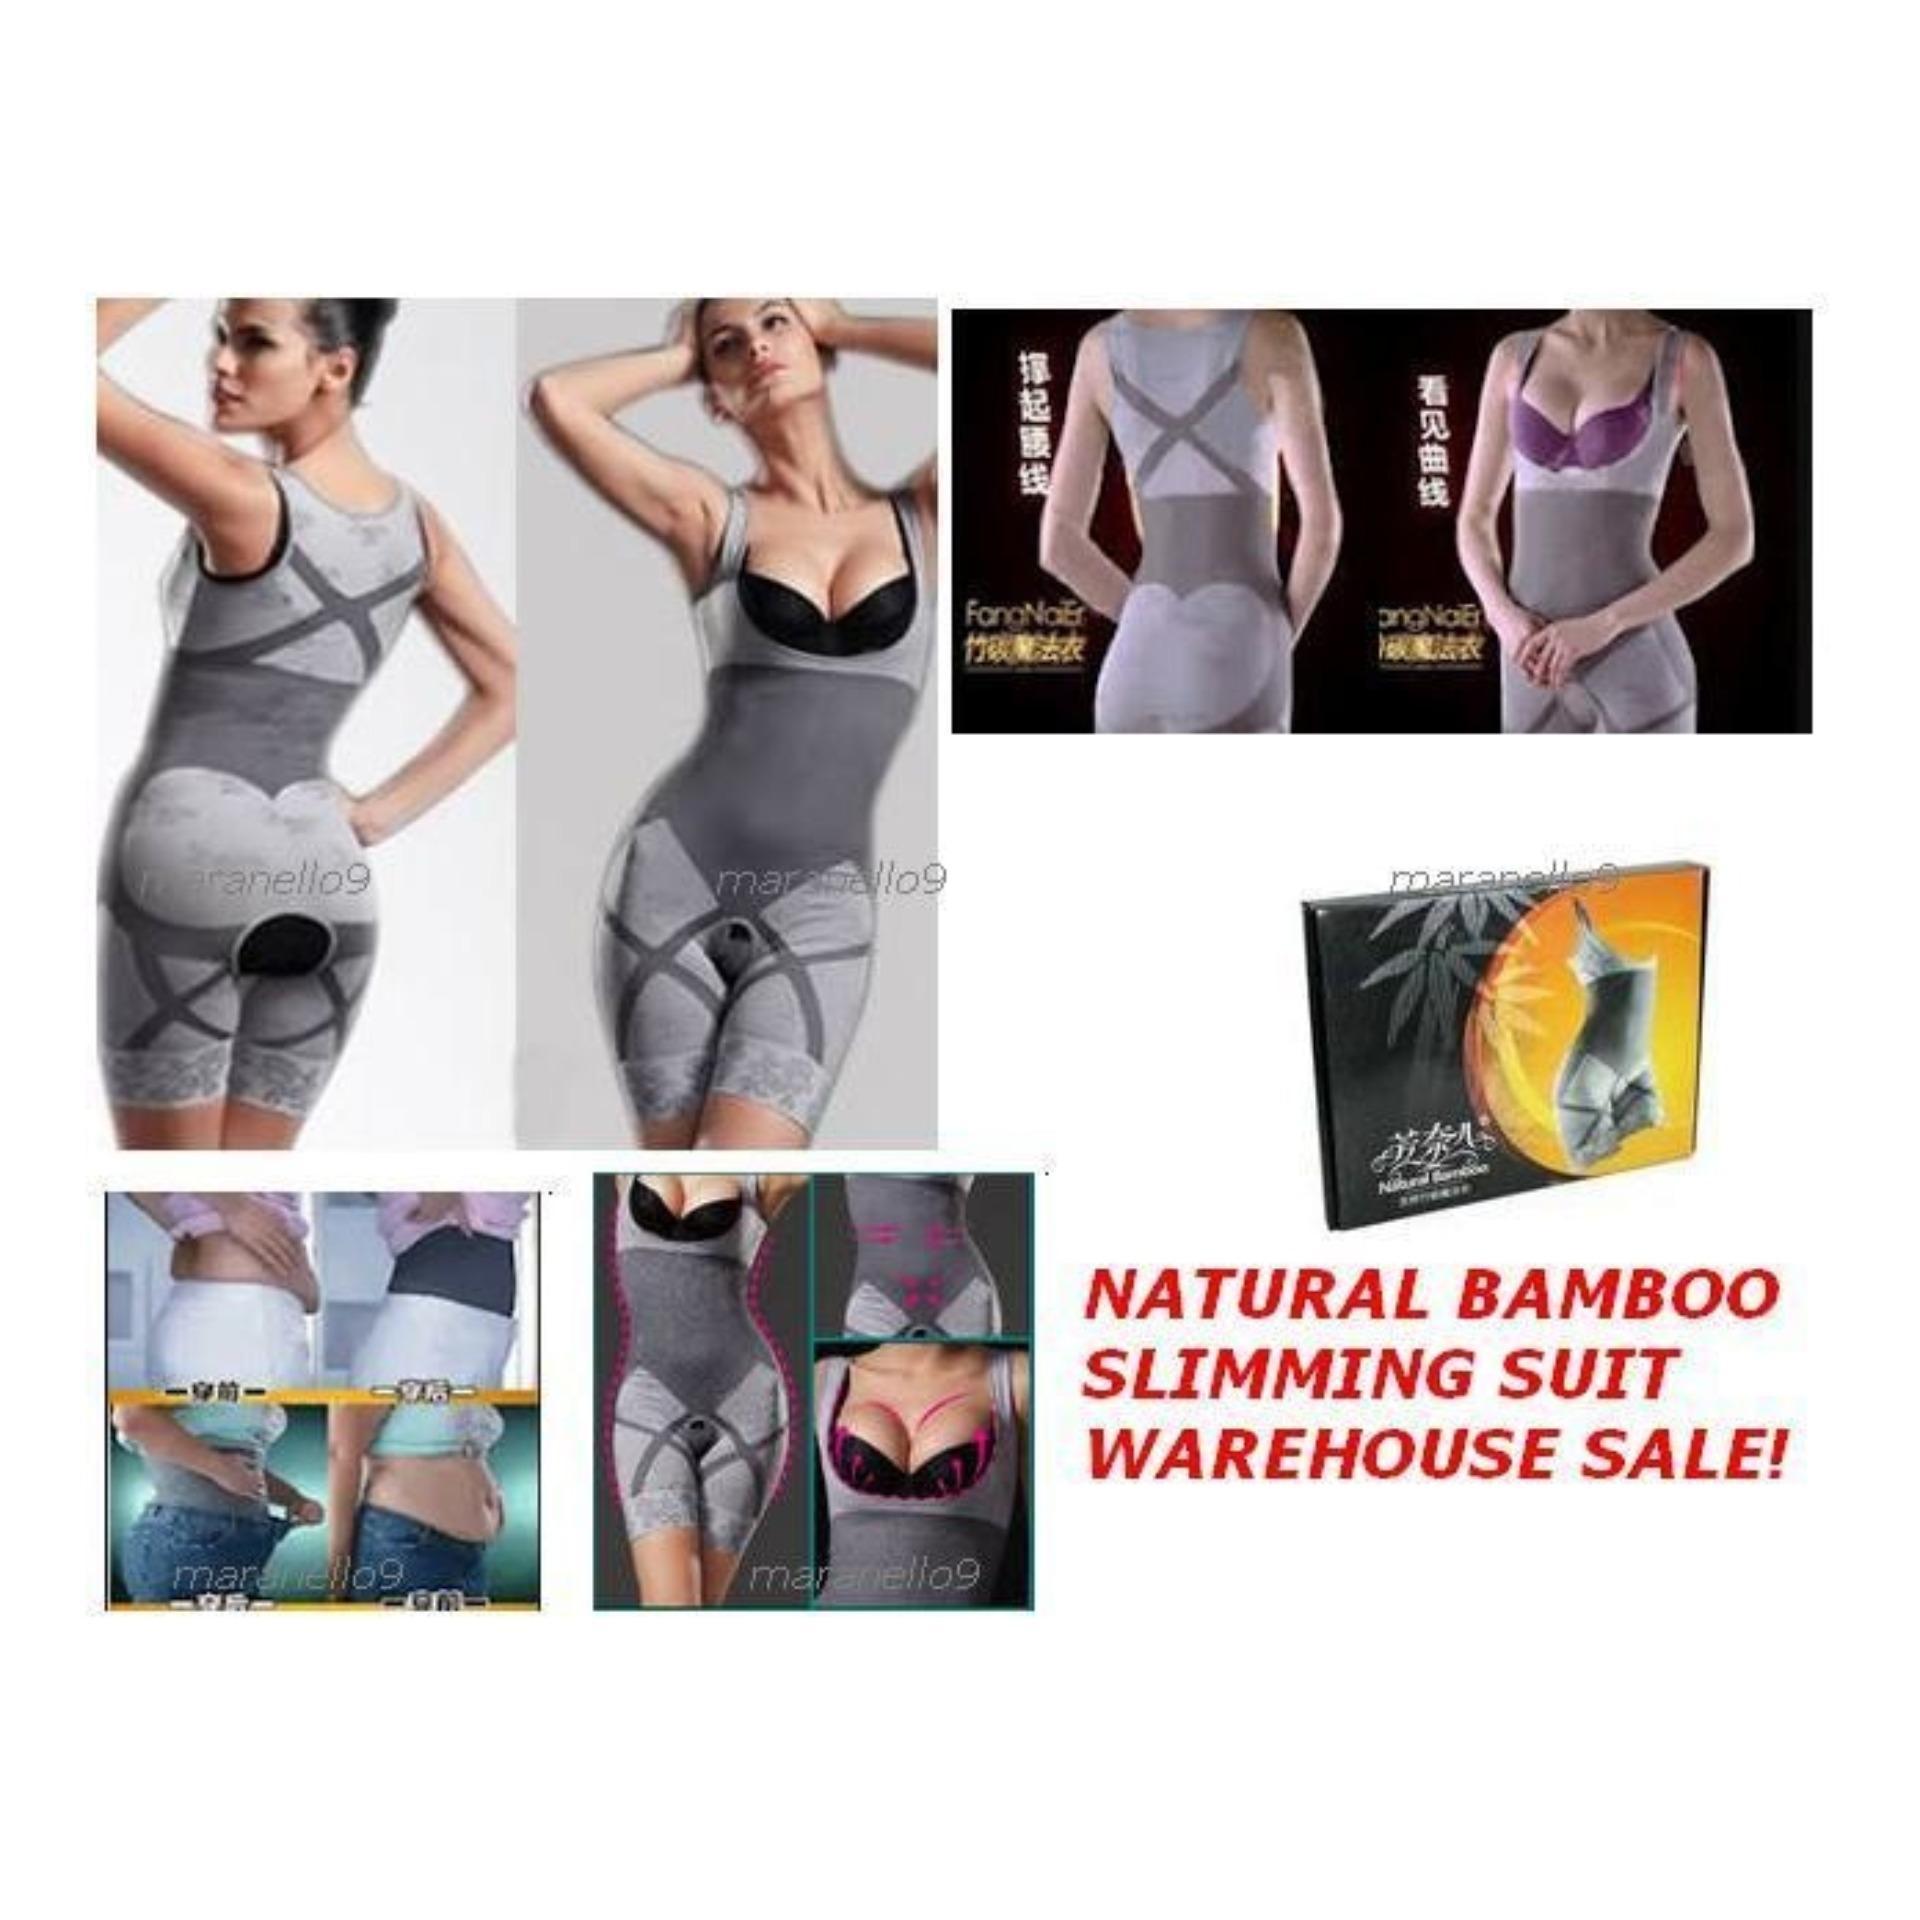 Natural Bamboo Slimming Suit Korset Pakaian Pelangsing Tubuh Asli Bambo Termurah